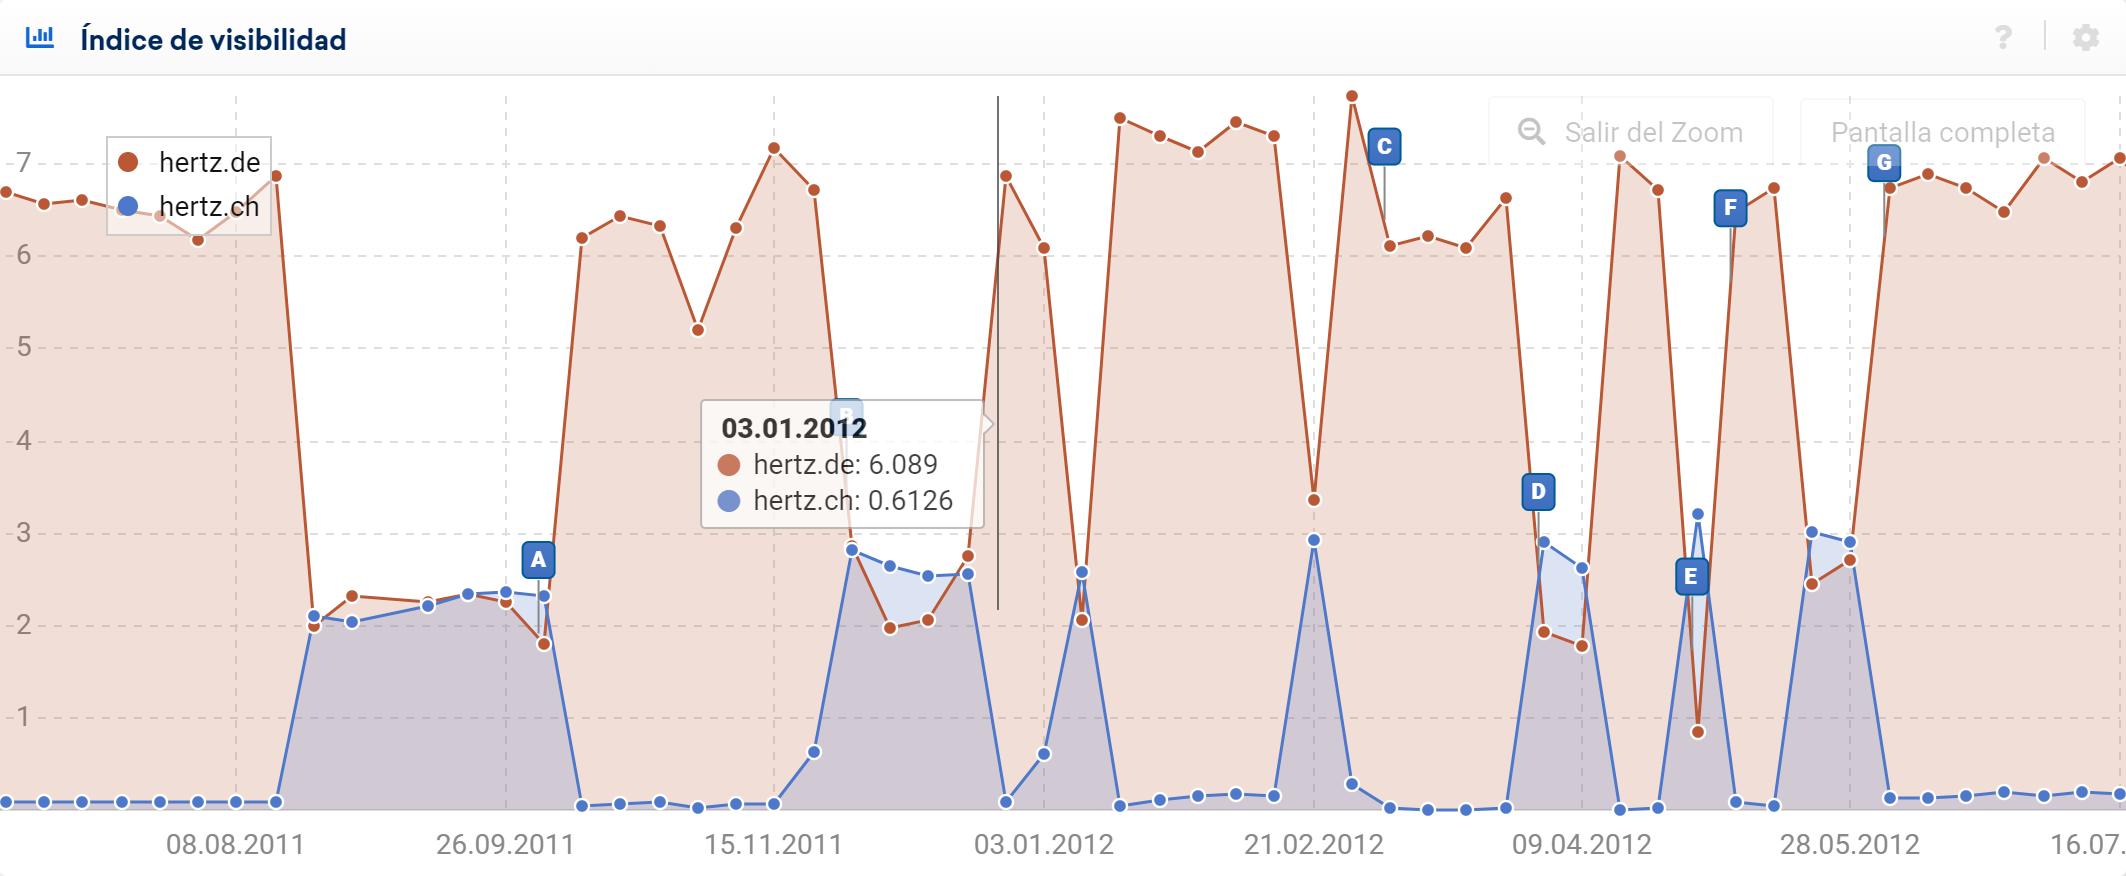 Gráfica del índice de visibilidad donde la comparación muestra de manera impresionante que la visibilidad de Hertz.de, representada por la línea roja, siempre disminuye significativamente cuando la visibilidad de Hertz.ch aumenta y viceversa